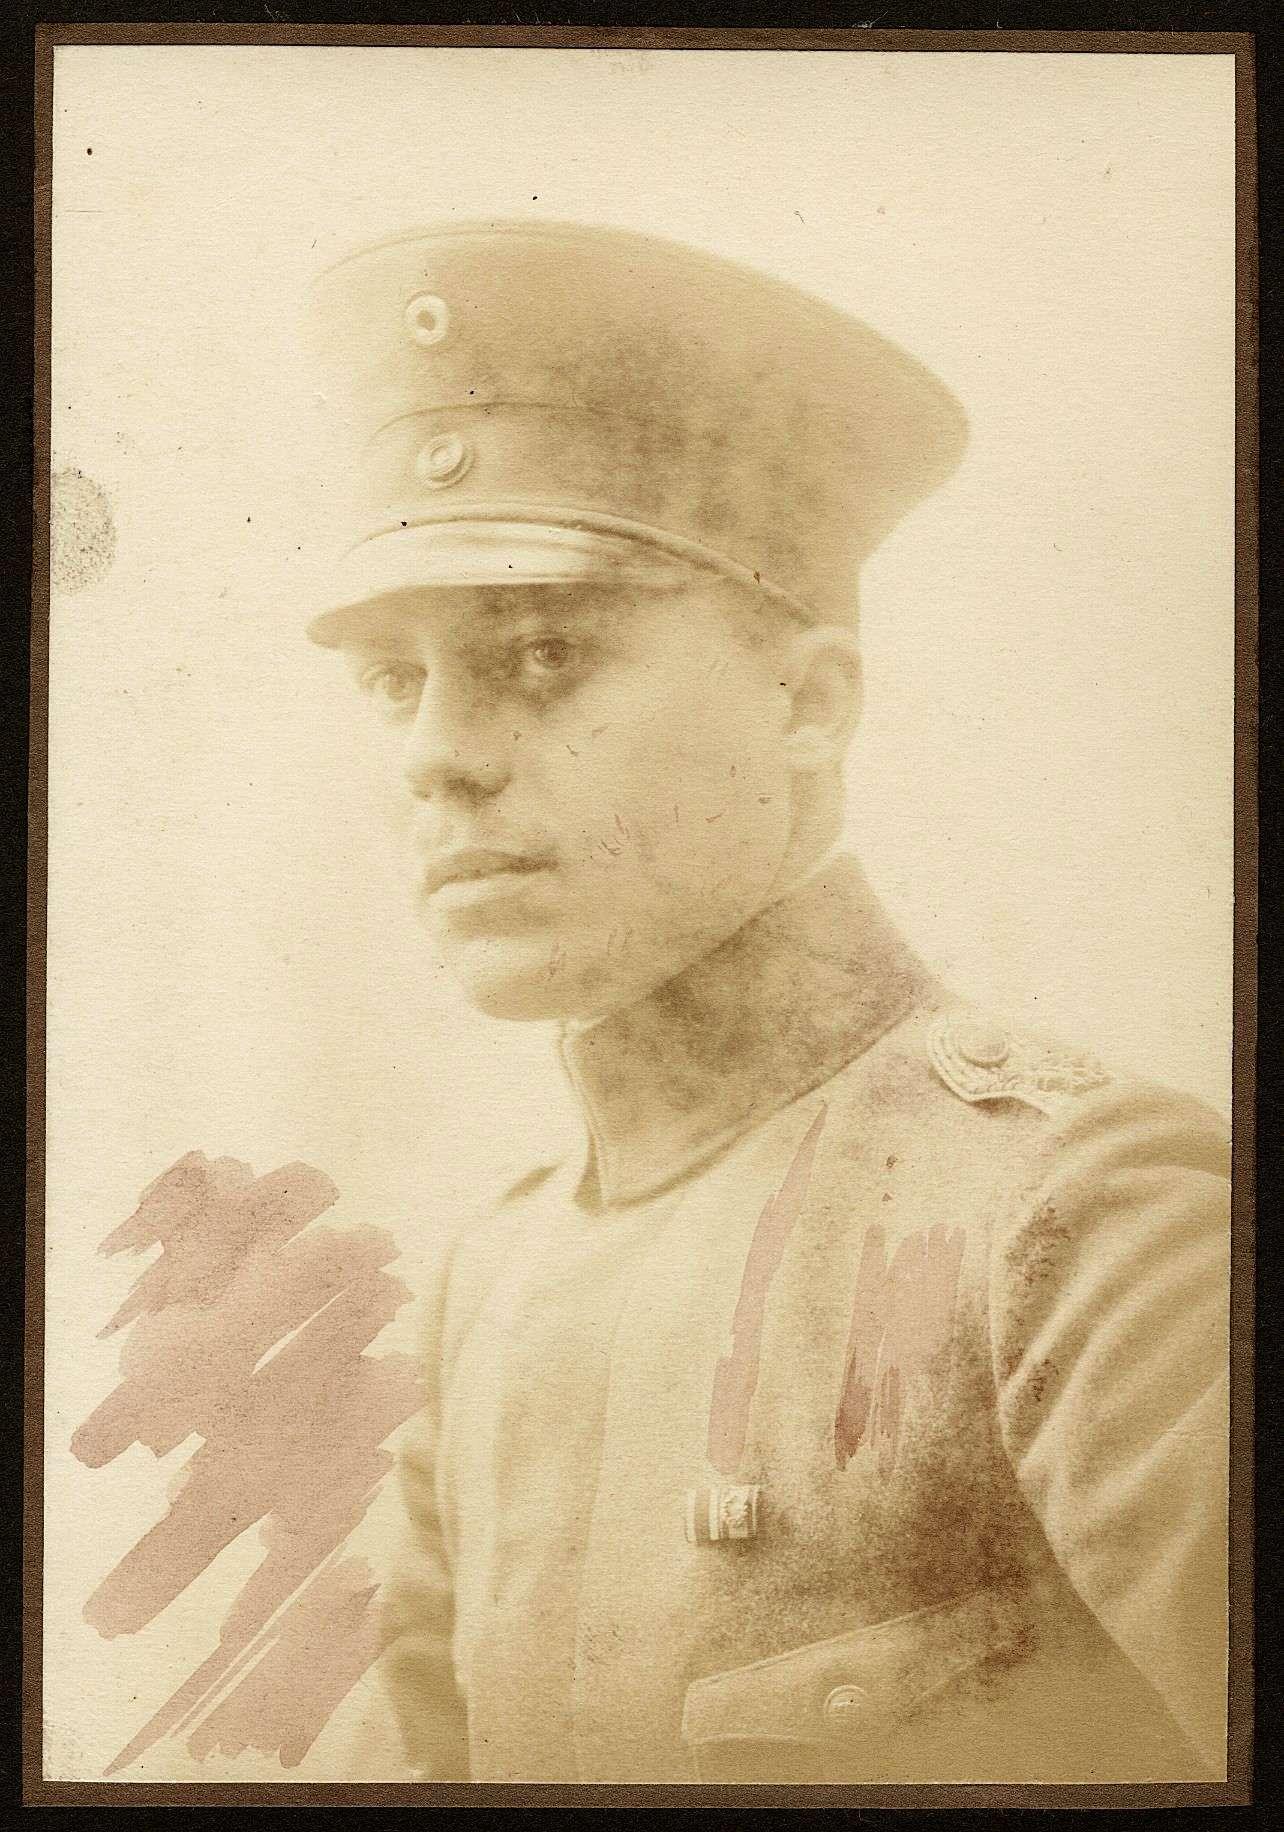 Häberle, Otto, Bild 1